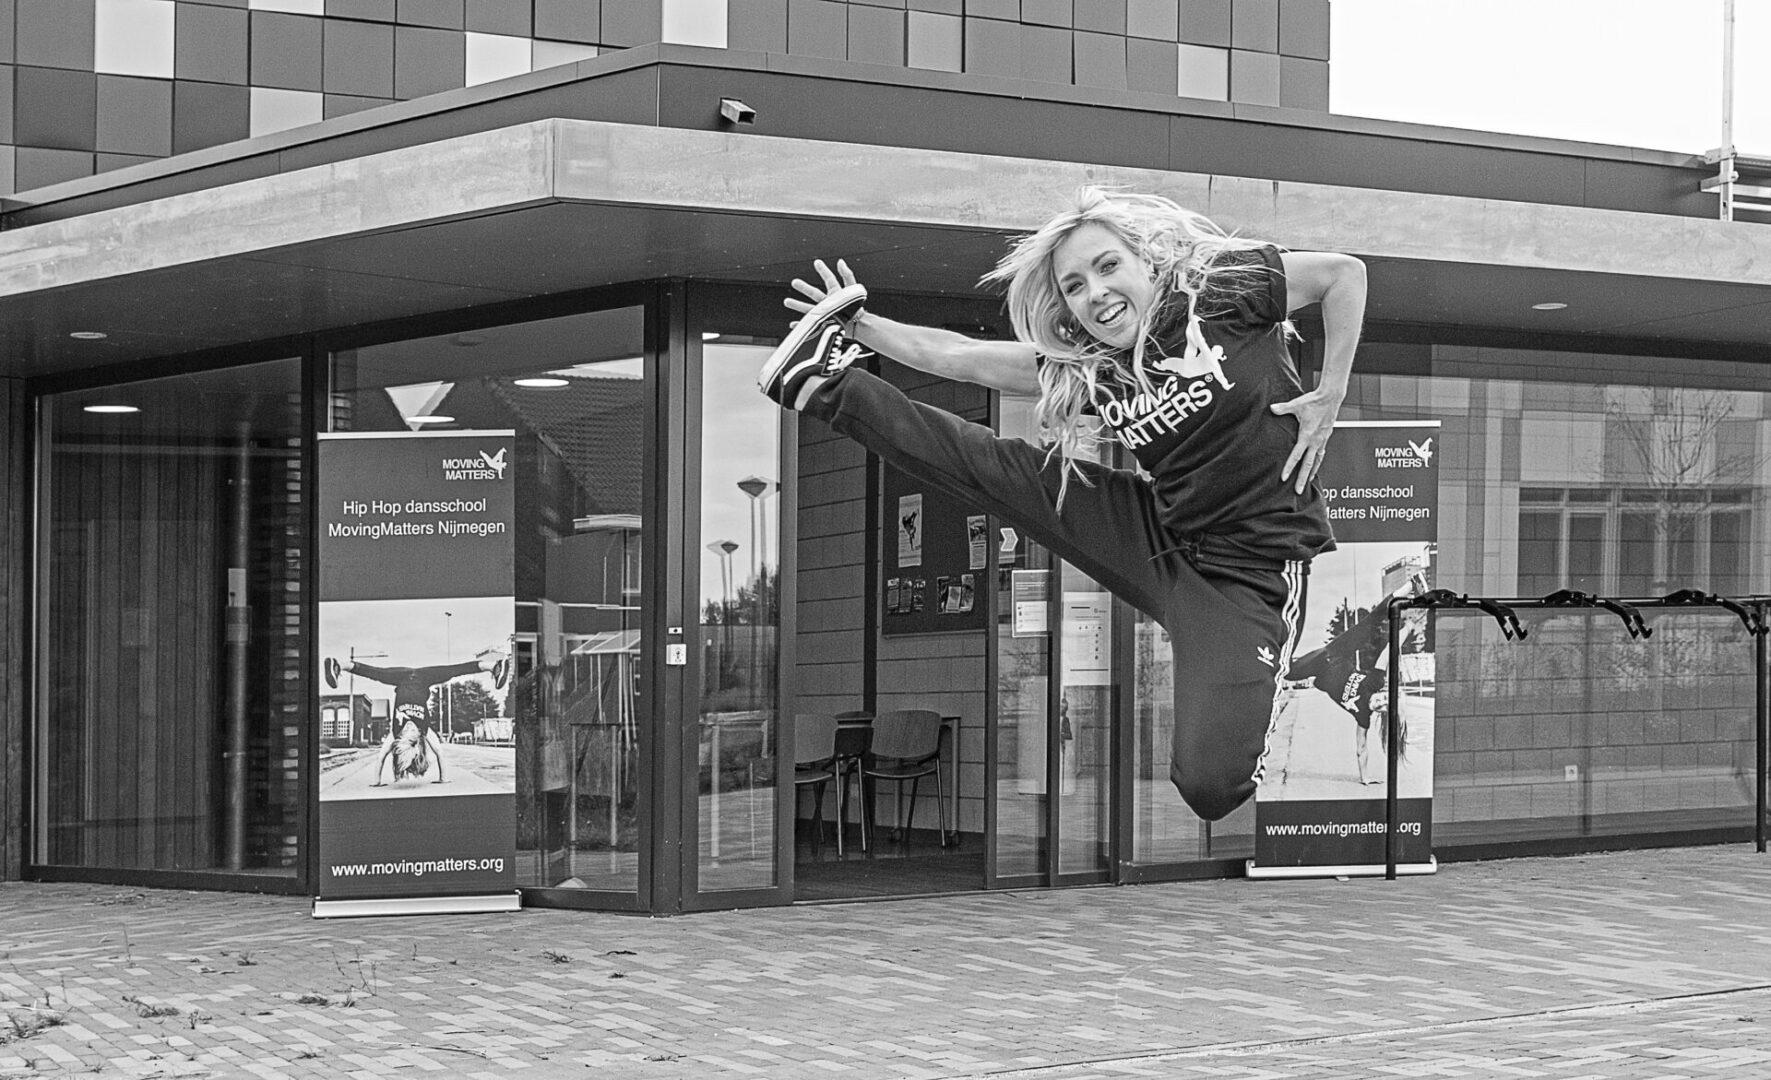 Dansschool MovingMatters dansen in lent oosterhout noord en nijmegen